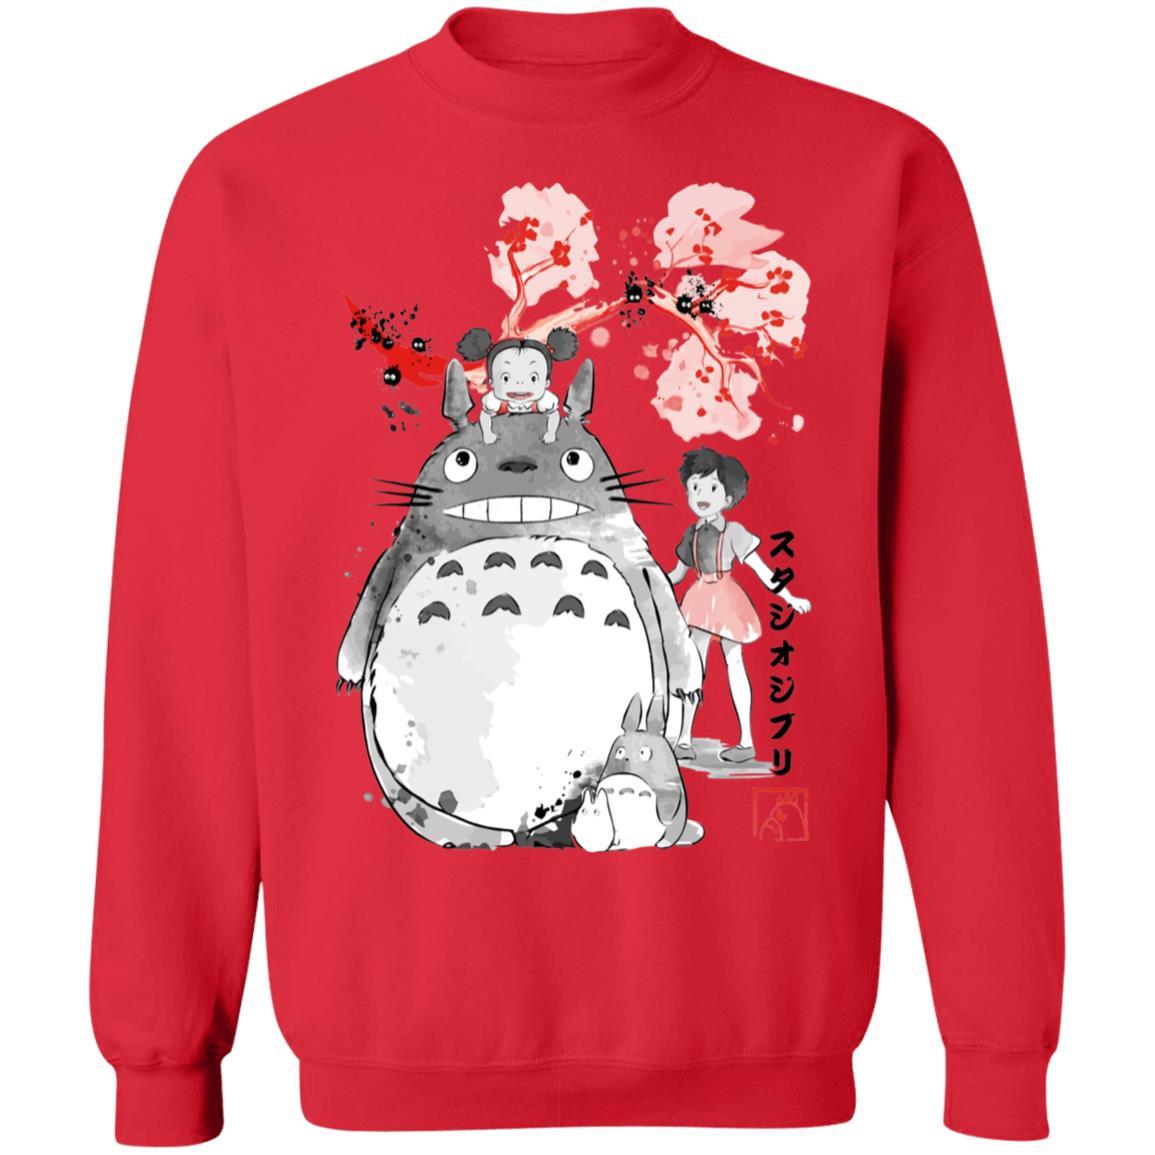 Totoro and the Girls by Sakura Flower Sweatshirt